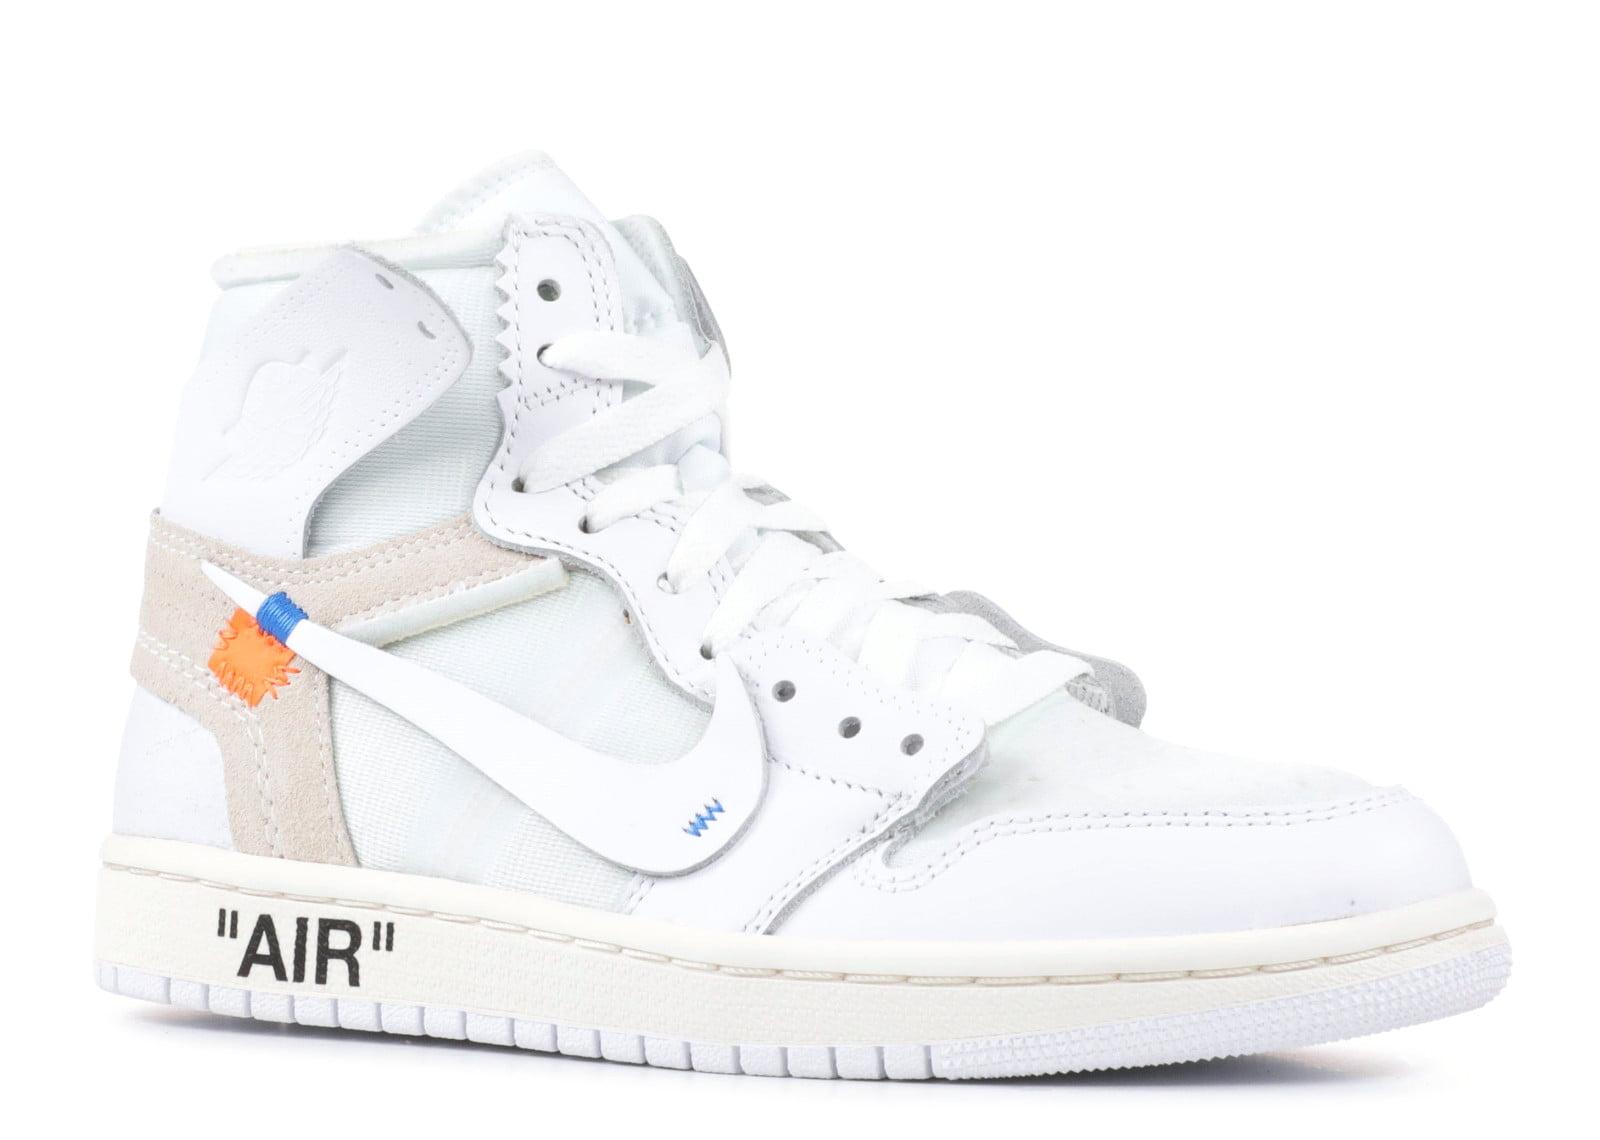 Air Jordan 1X Off-White Nrg (Gs